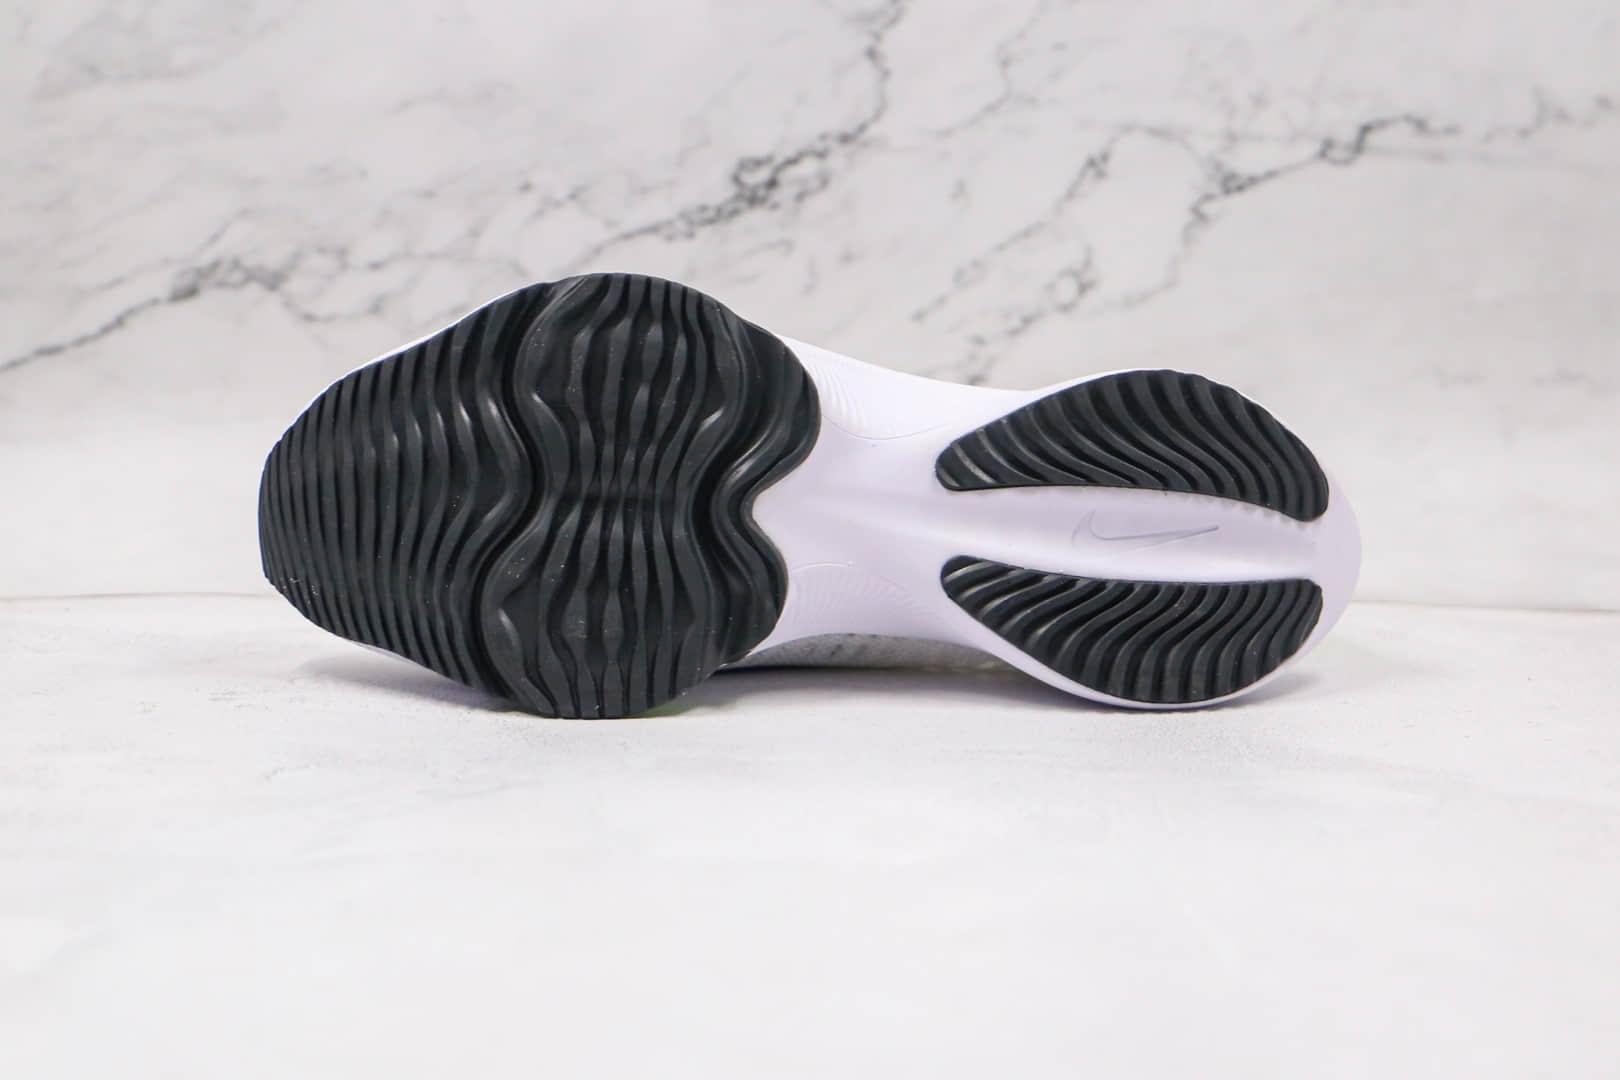 耐克Nike Air Zoom Alphafly NEXT%纯原版本马拉松白蓝色气垫慢跑鞋原盒原标原楦头纸板打造 货号:CI9923-103